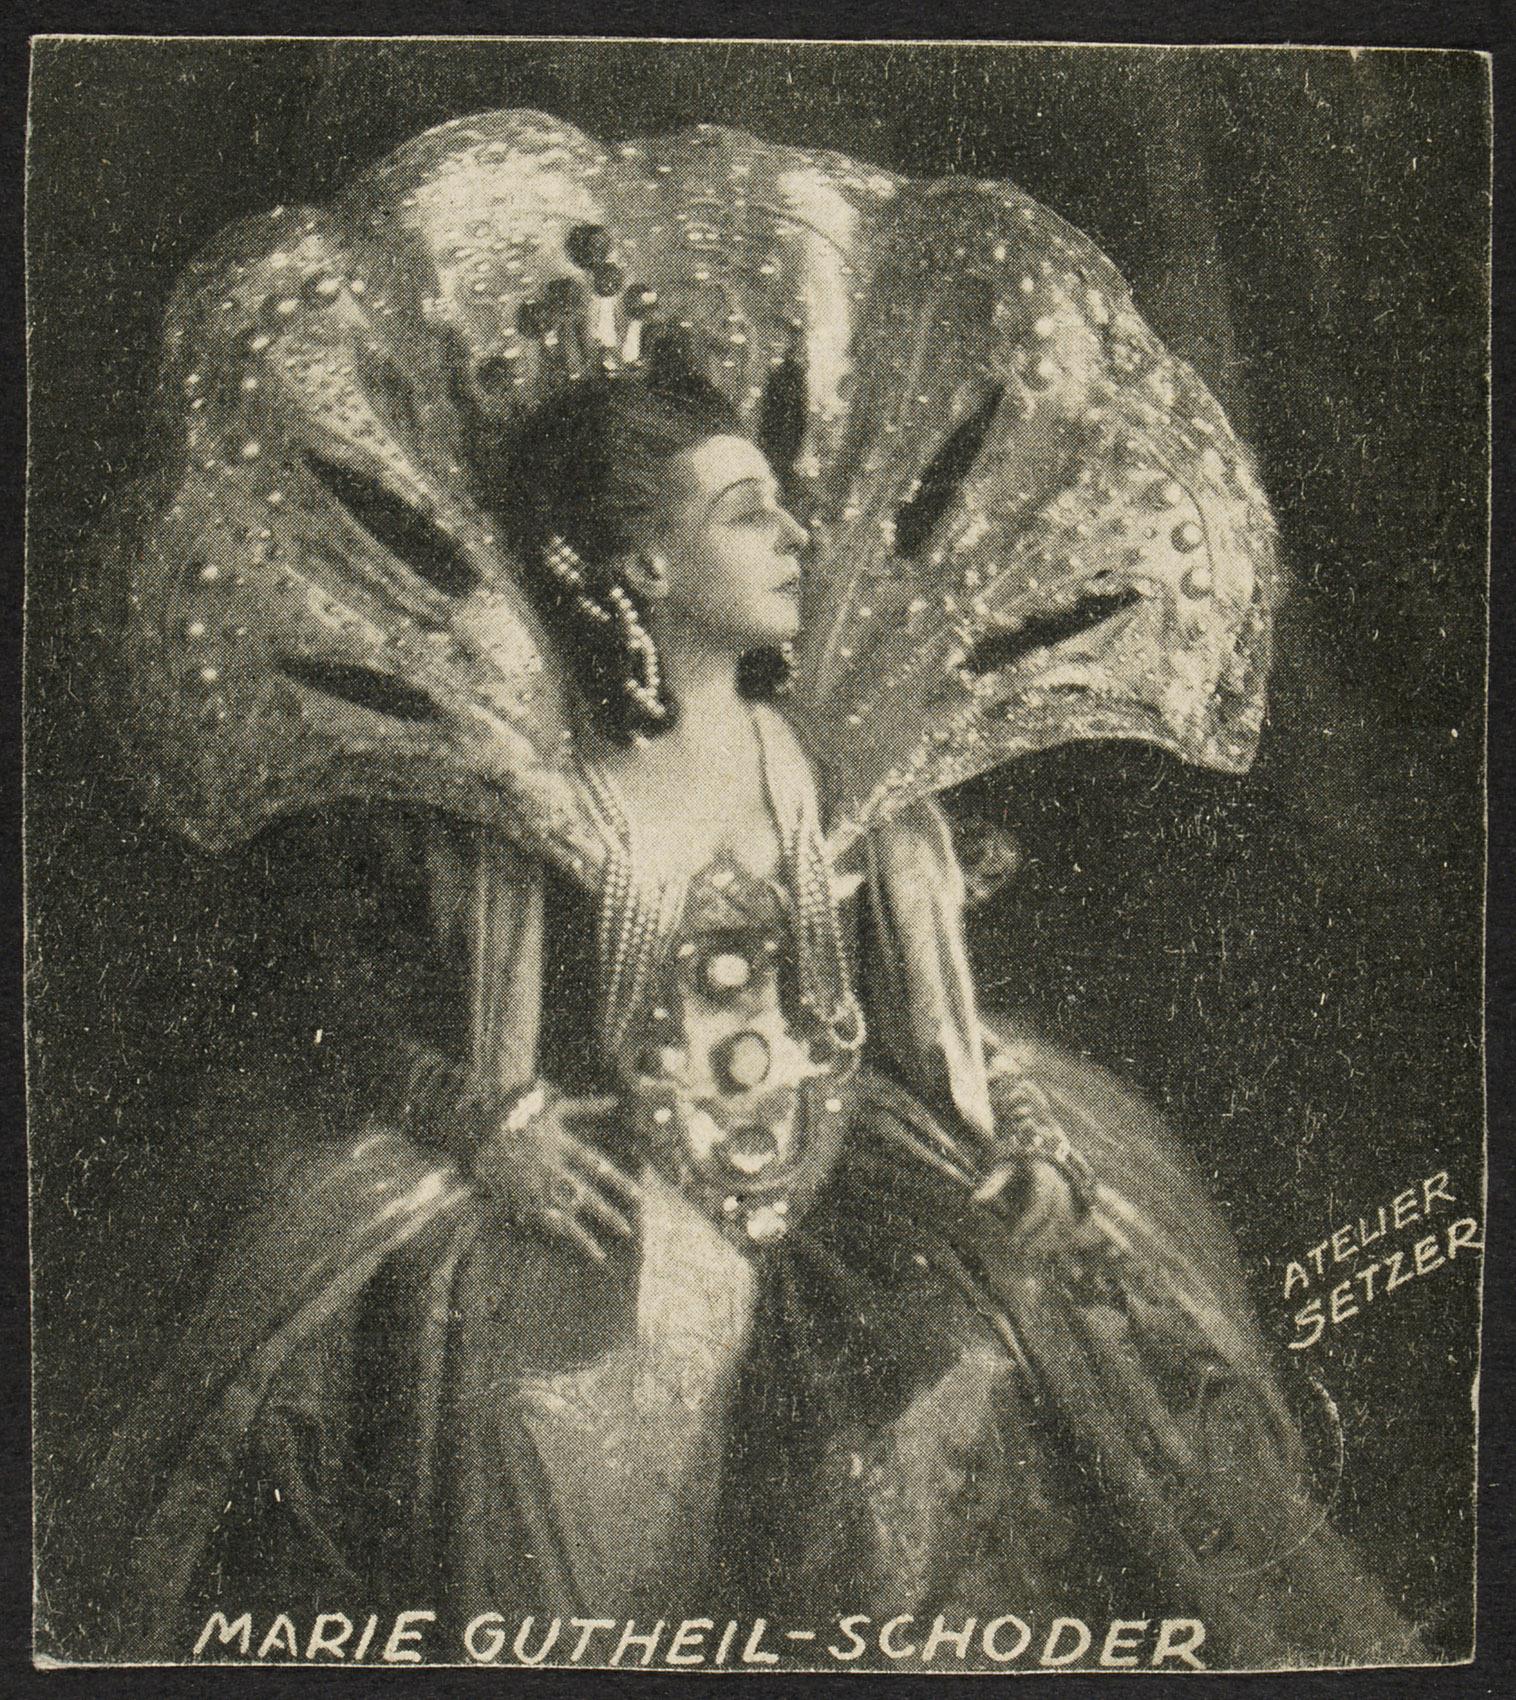 Marie Gutheil-Schoder von Atelier Setzer, Wien